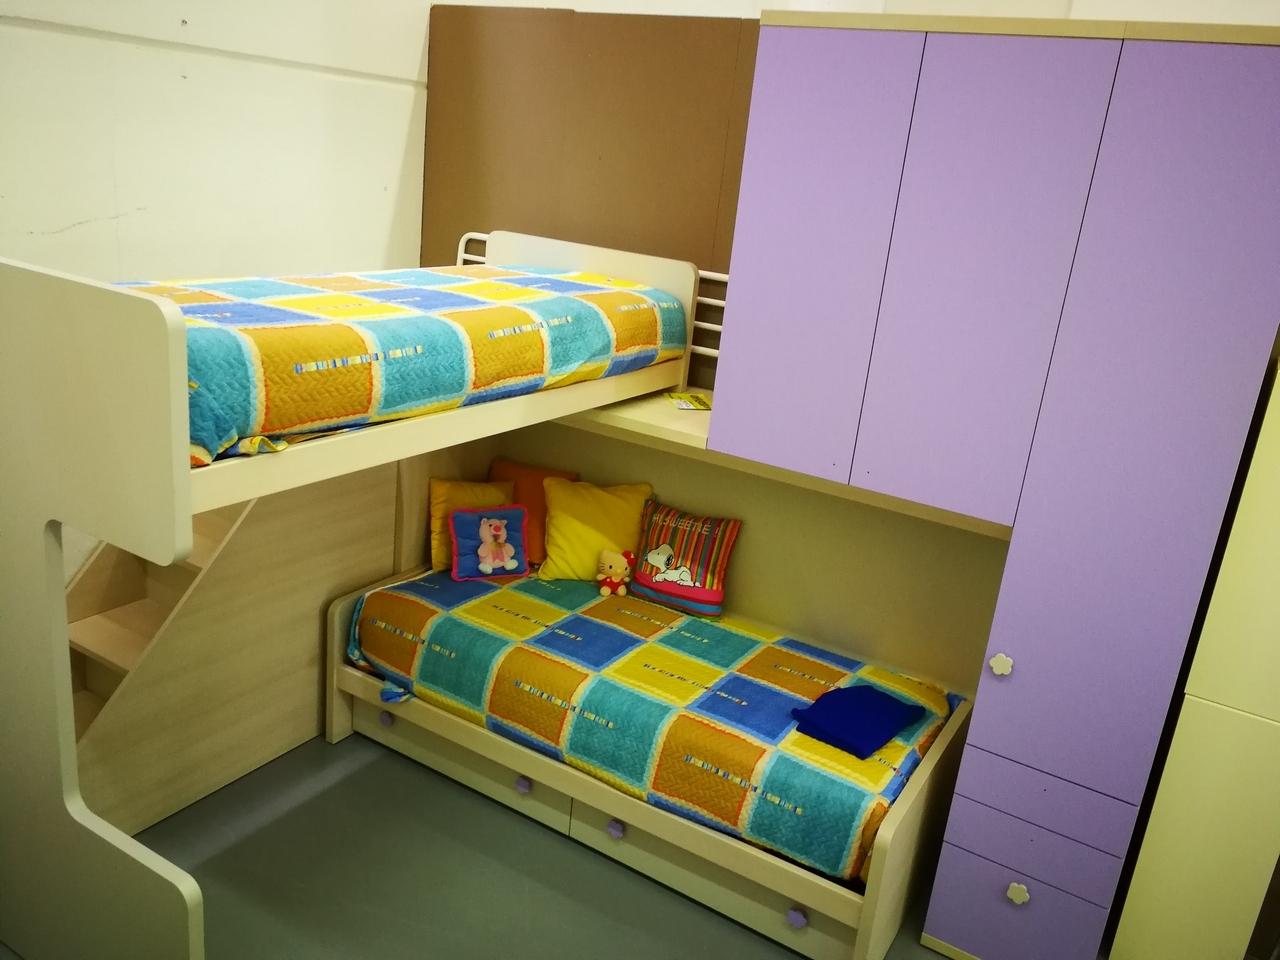 Cameretta doimo cityline cameretta con letto a soppalco camerette a prezzi scontati - Camerette con letto a soppalco ...